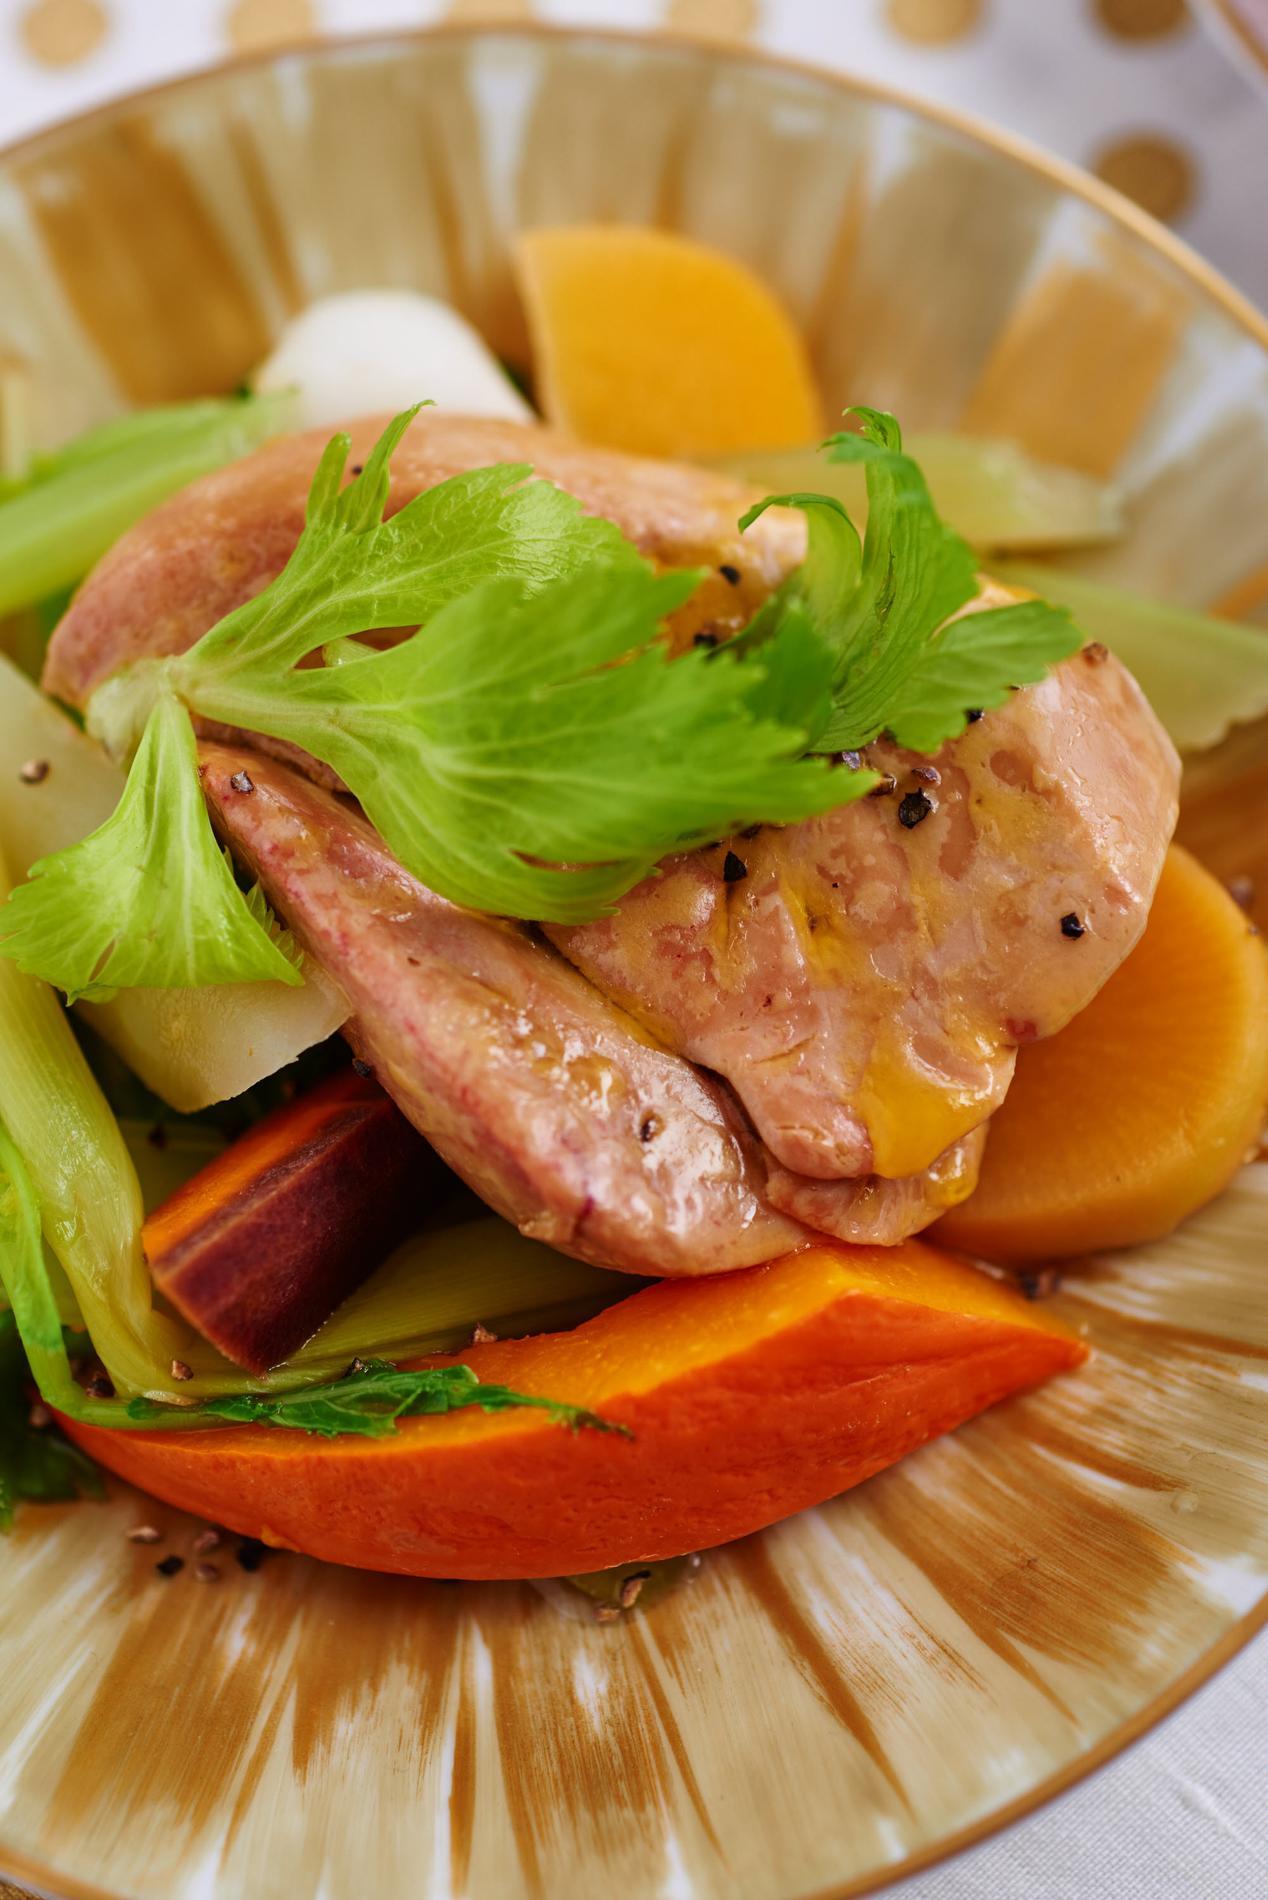 recette foie gras en pot au feu cuisine madame figaro